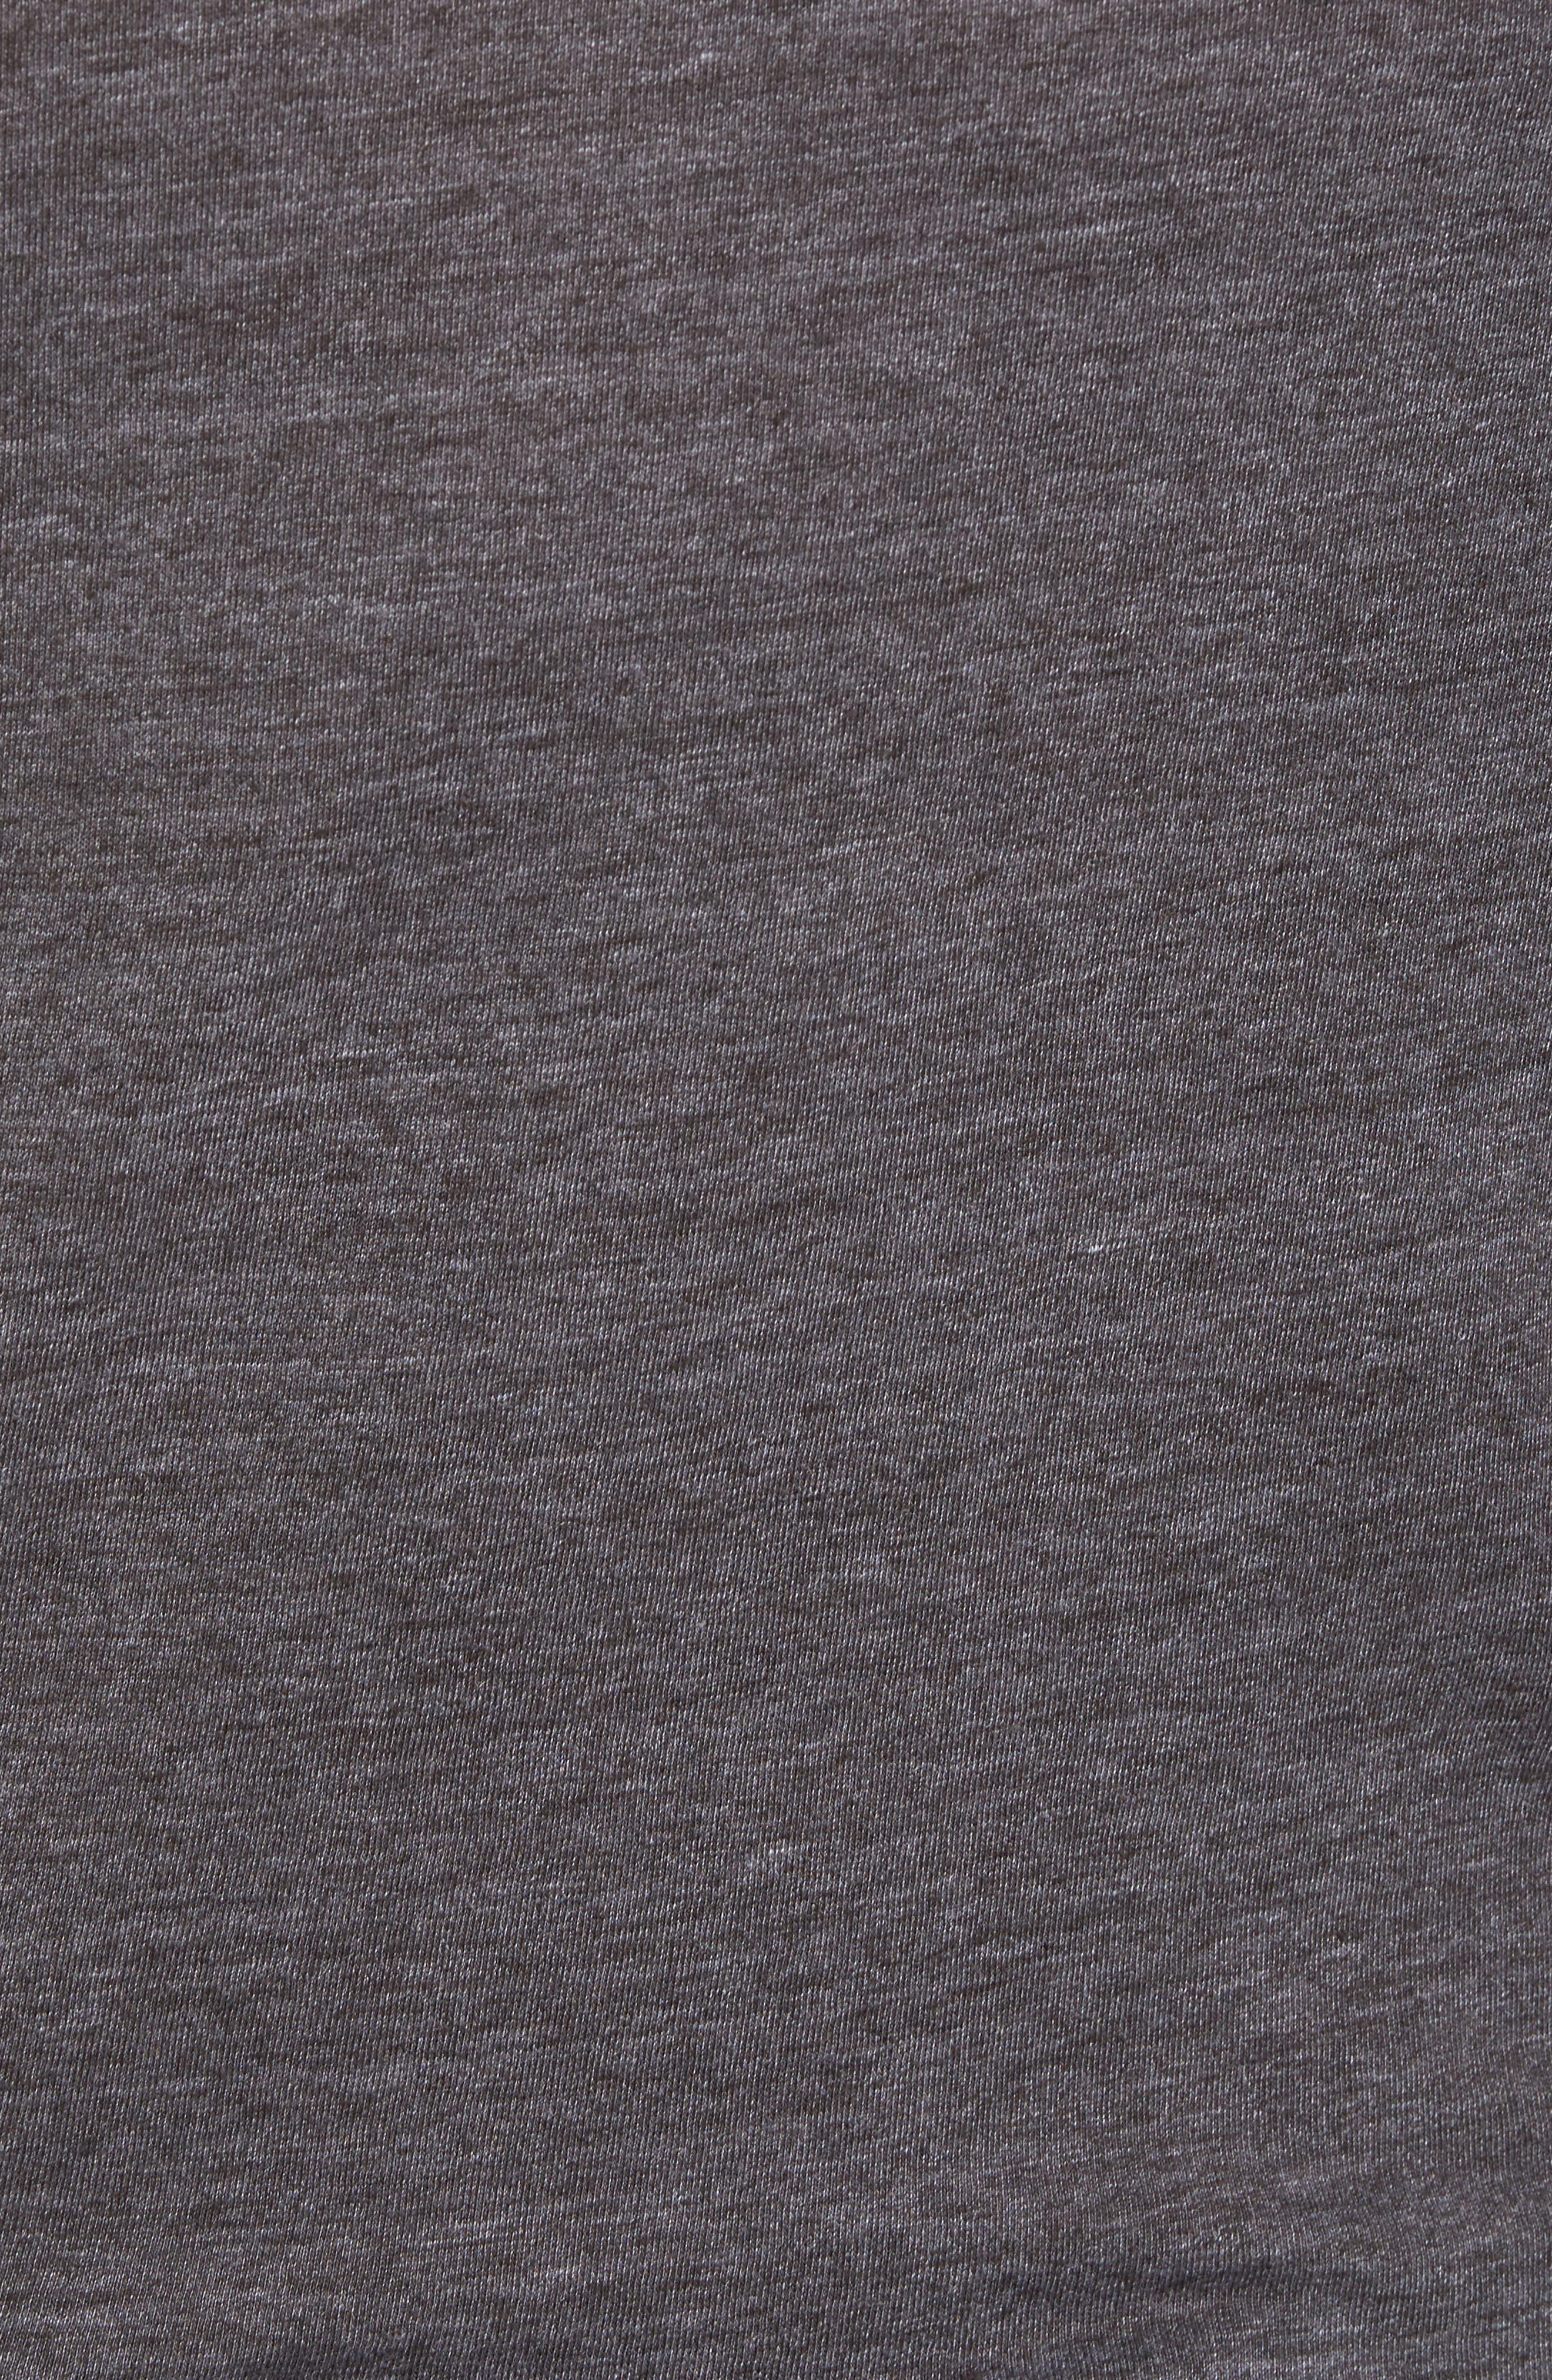 Toucan Dance Graphic T-Shirt,                             Alternate thumbnail 5, color,                             001